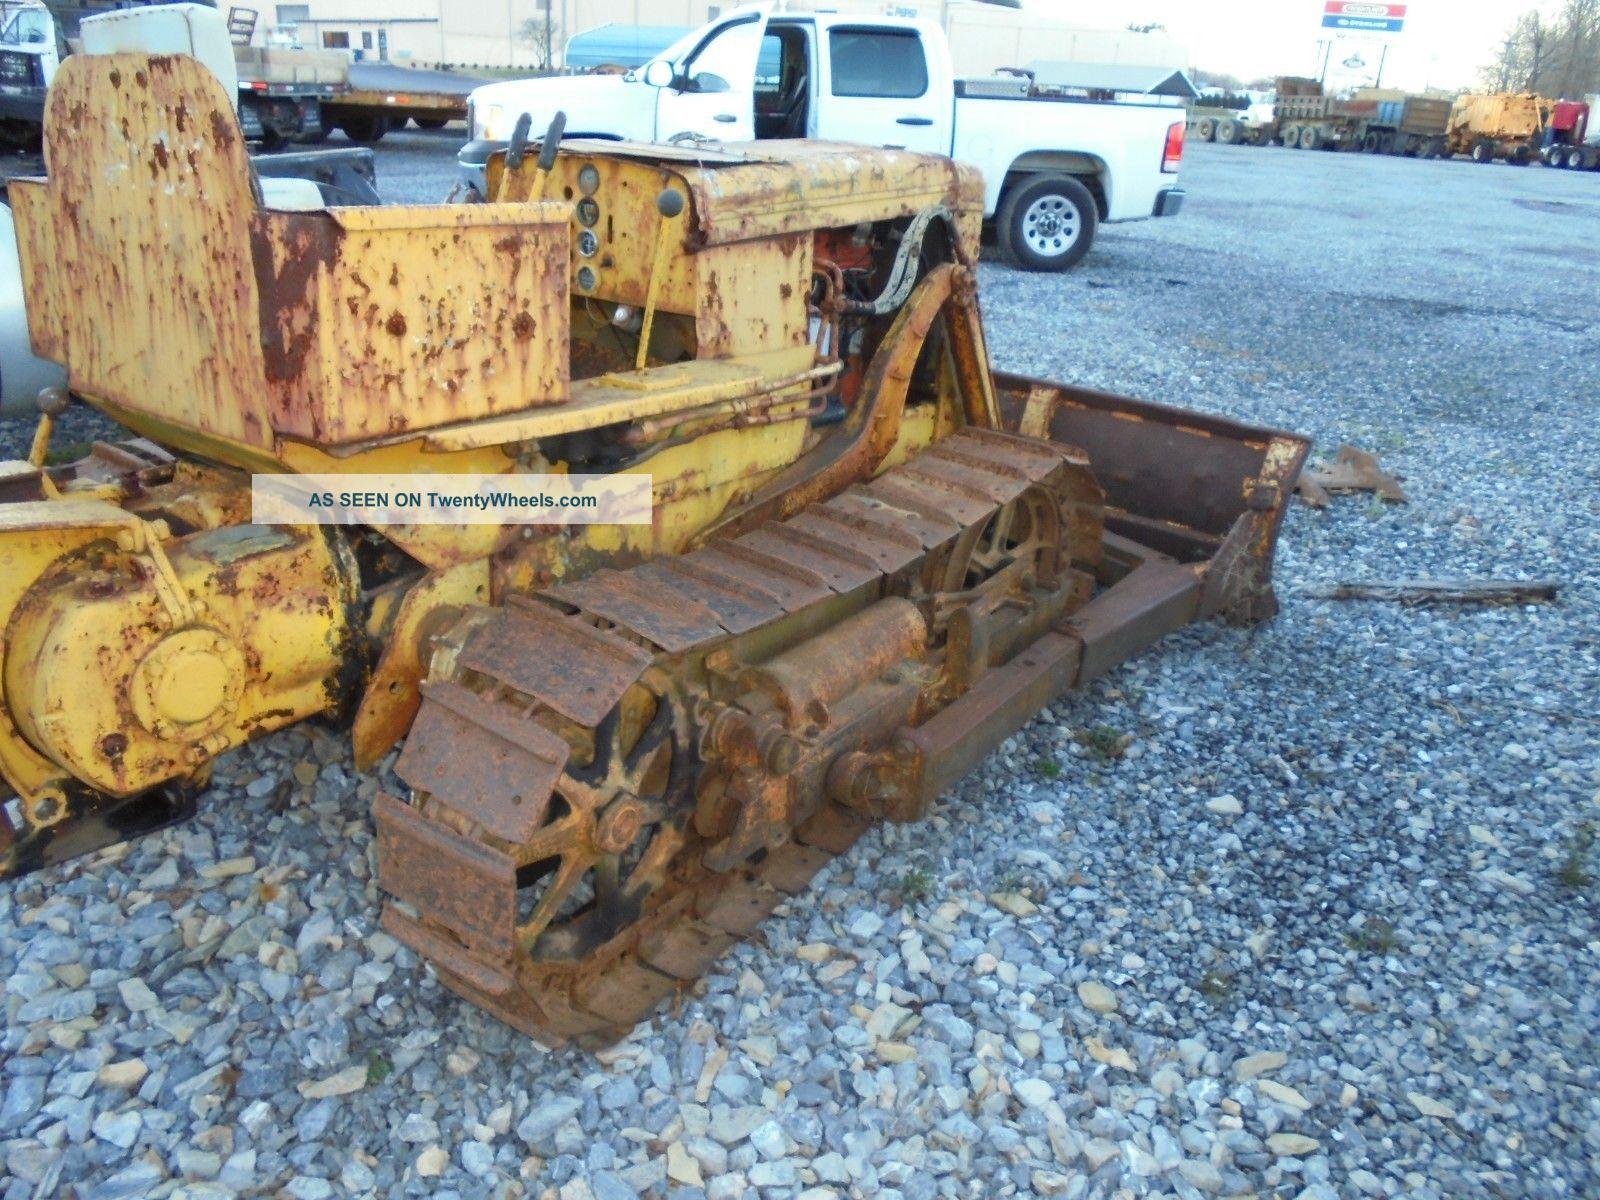 Case Terratrac Loader Dozer Crawler Cat John Deere